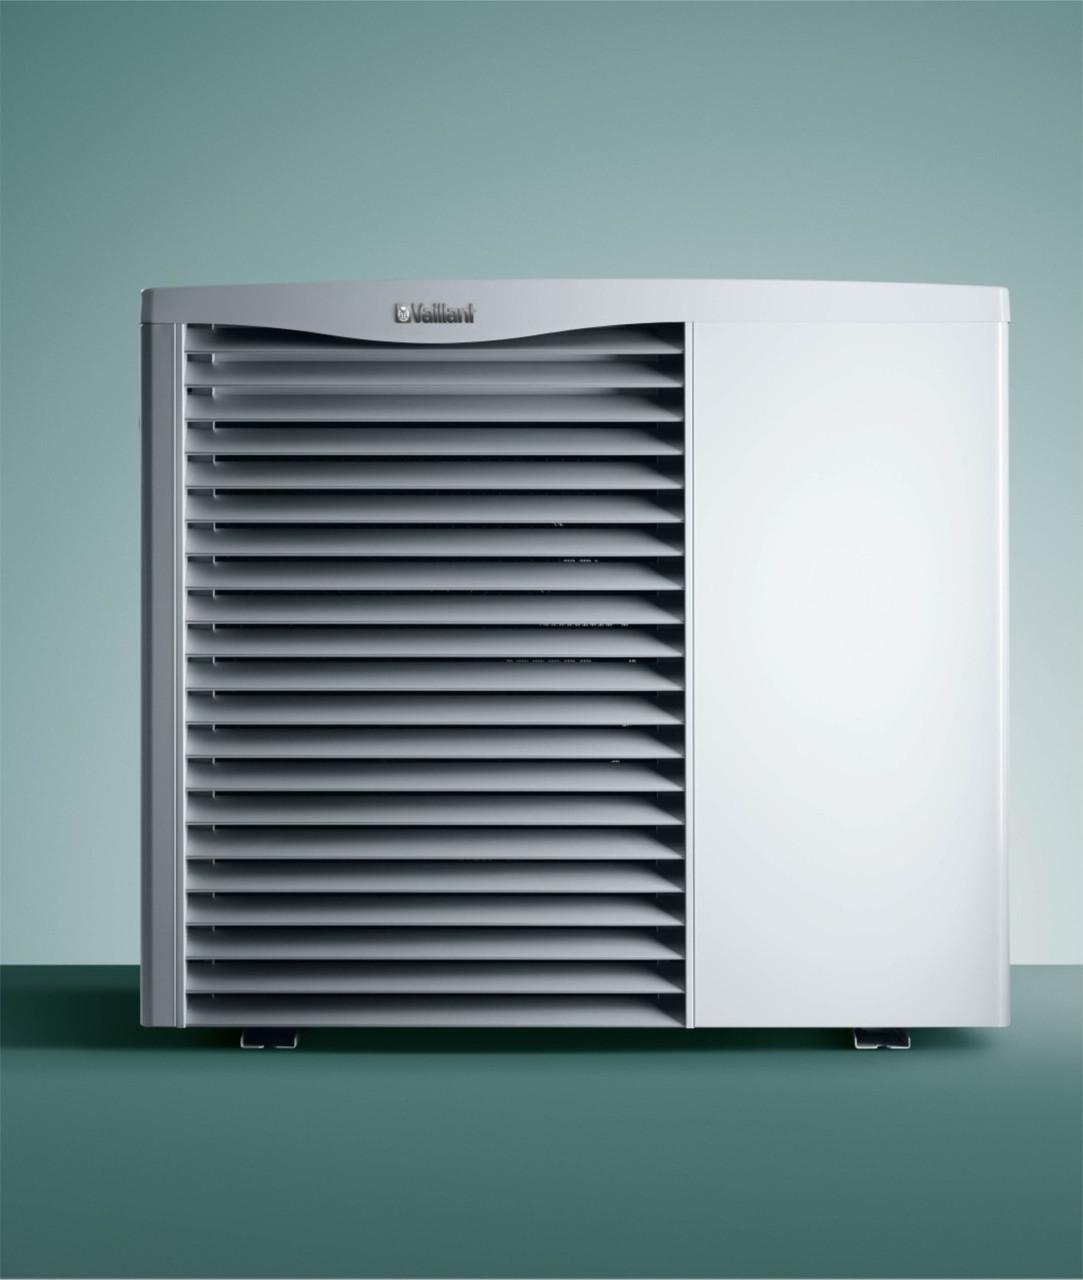 Тепловой насос для отопления, горячего водоснабжения и охлаждения Vaillant aroTHERM VWL 115/2 A 400 V